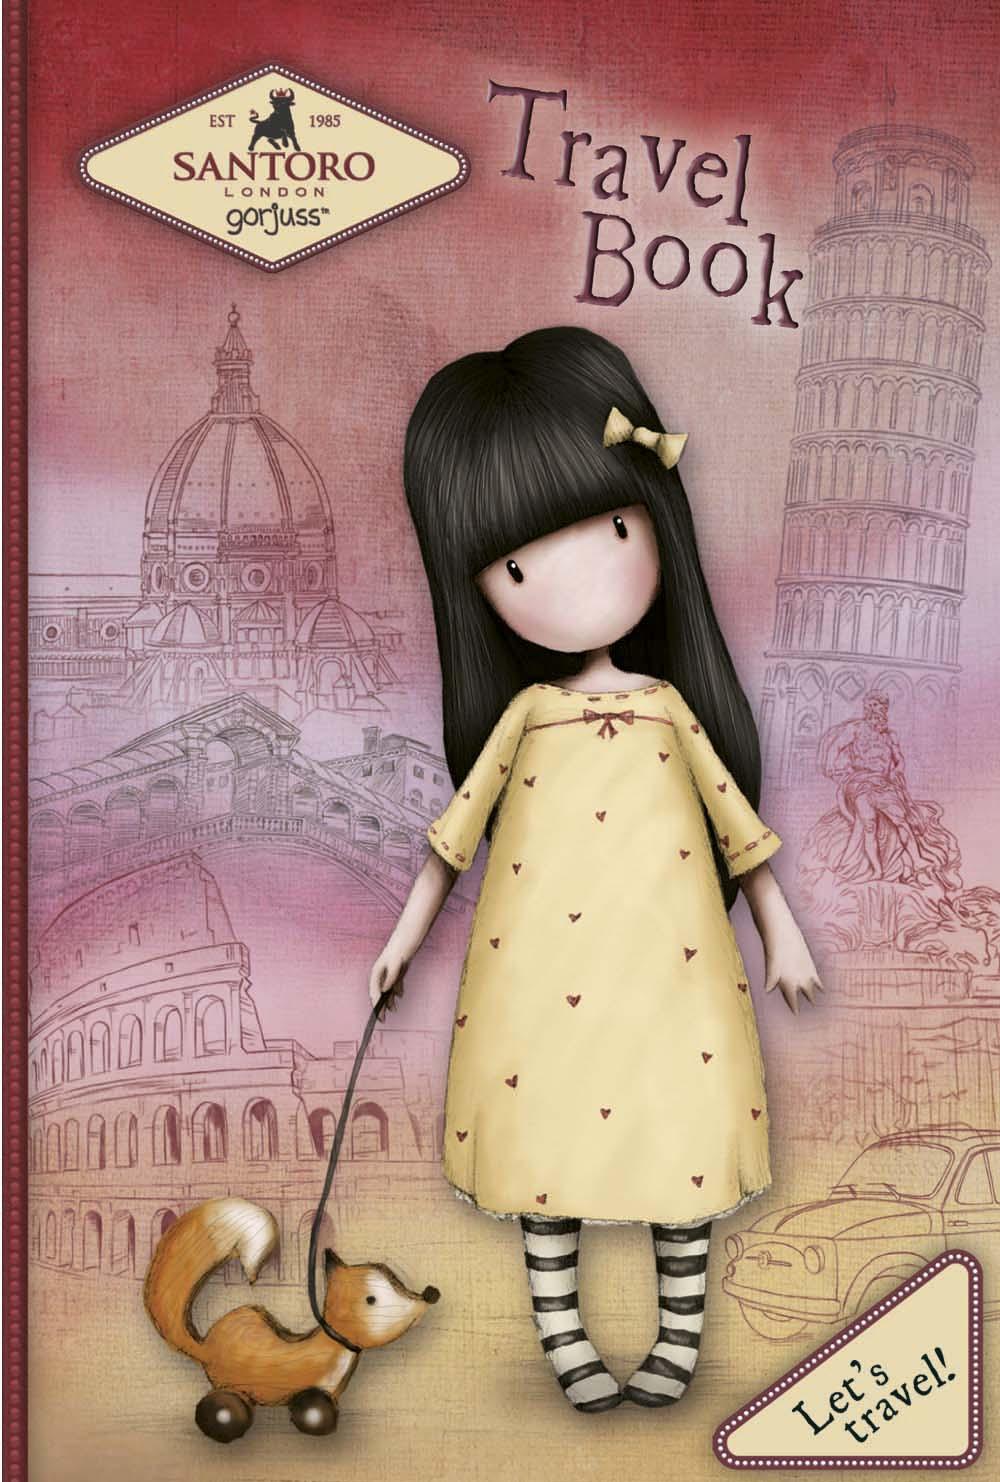 Travel Book Gorjuss Let's Travel!